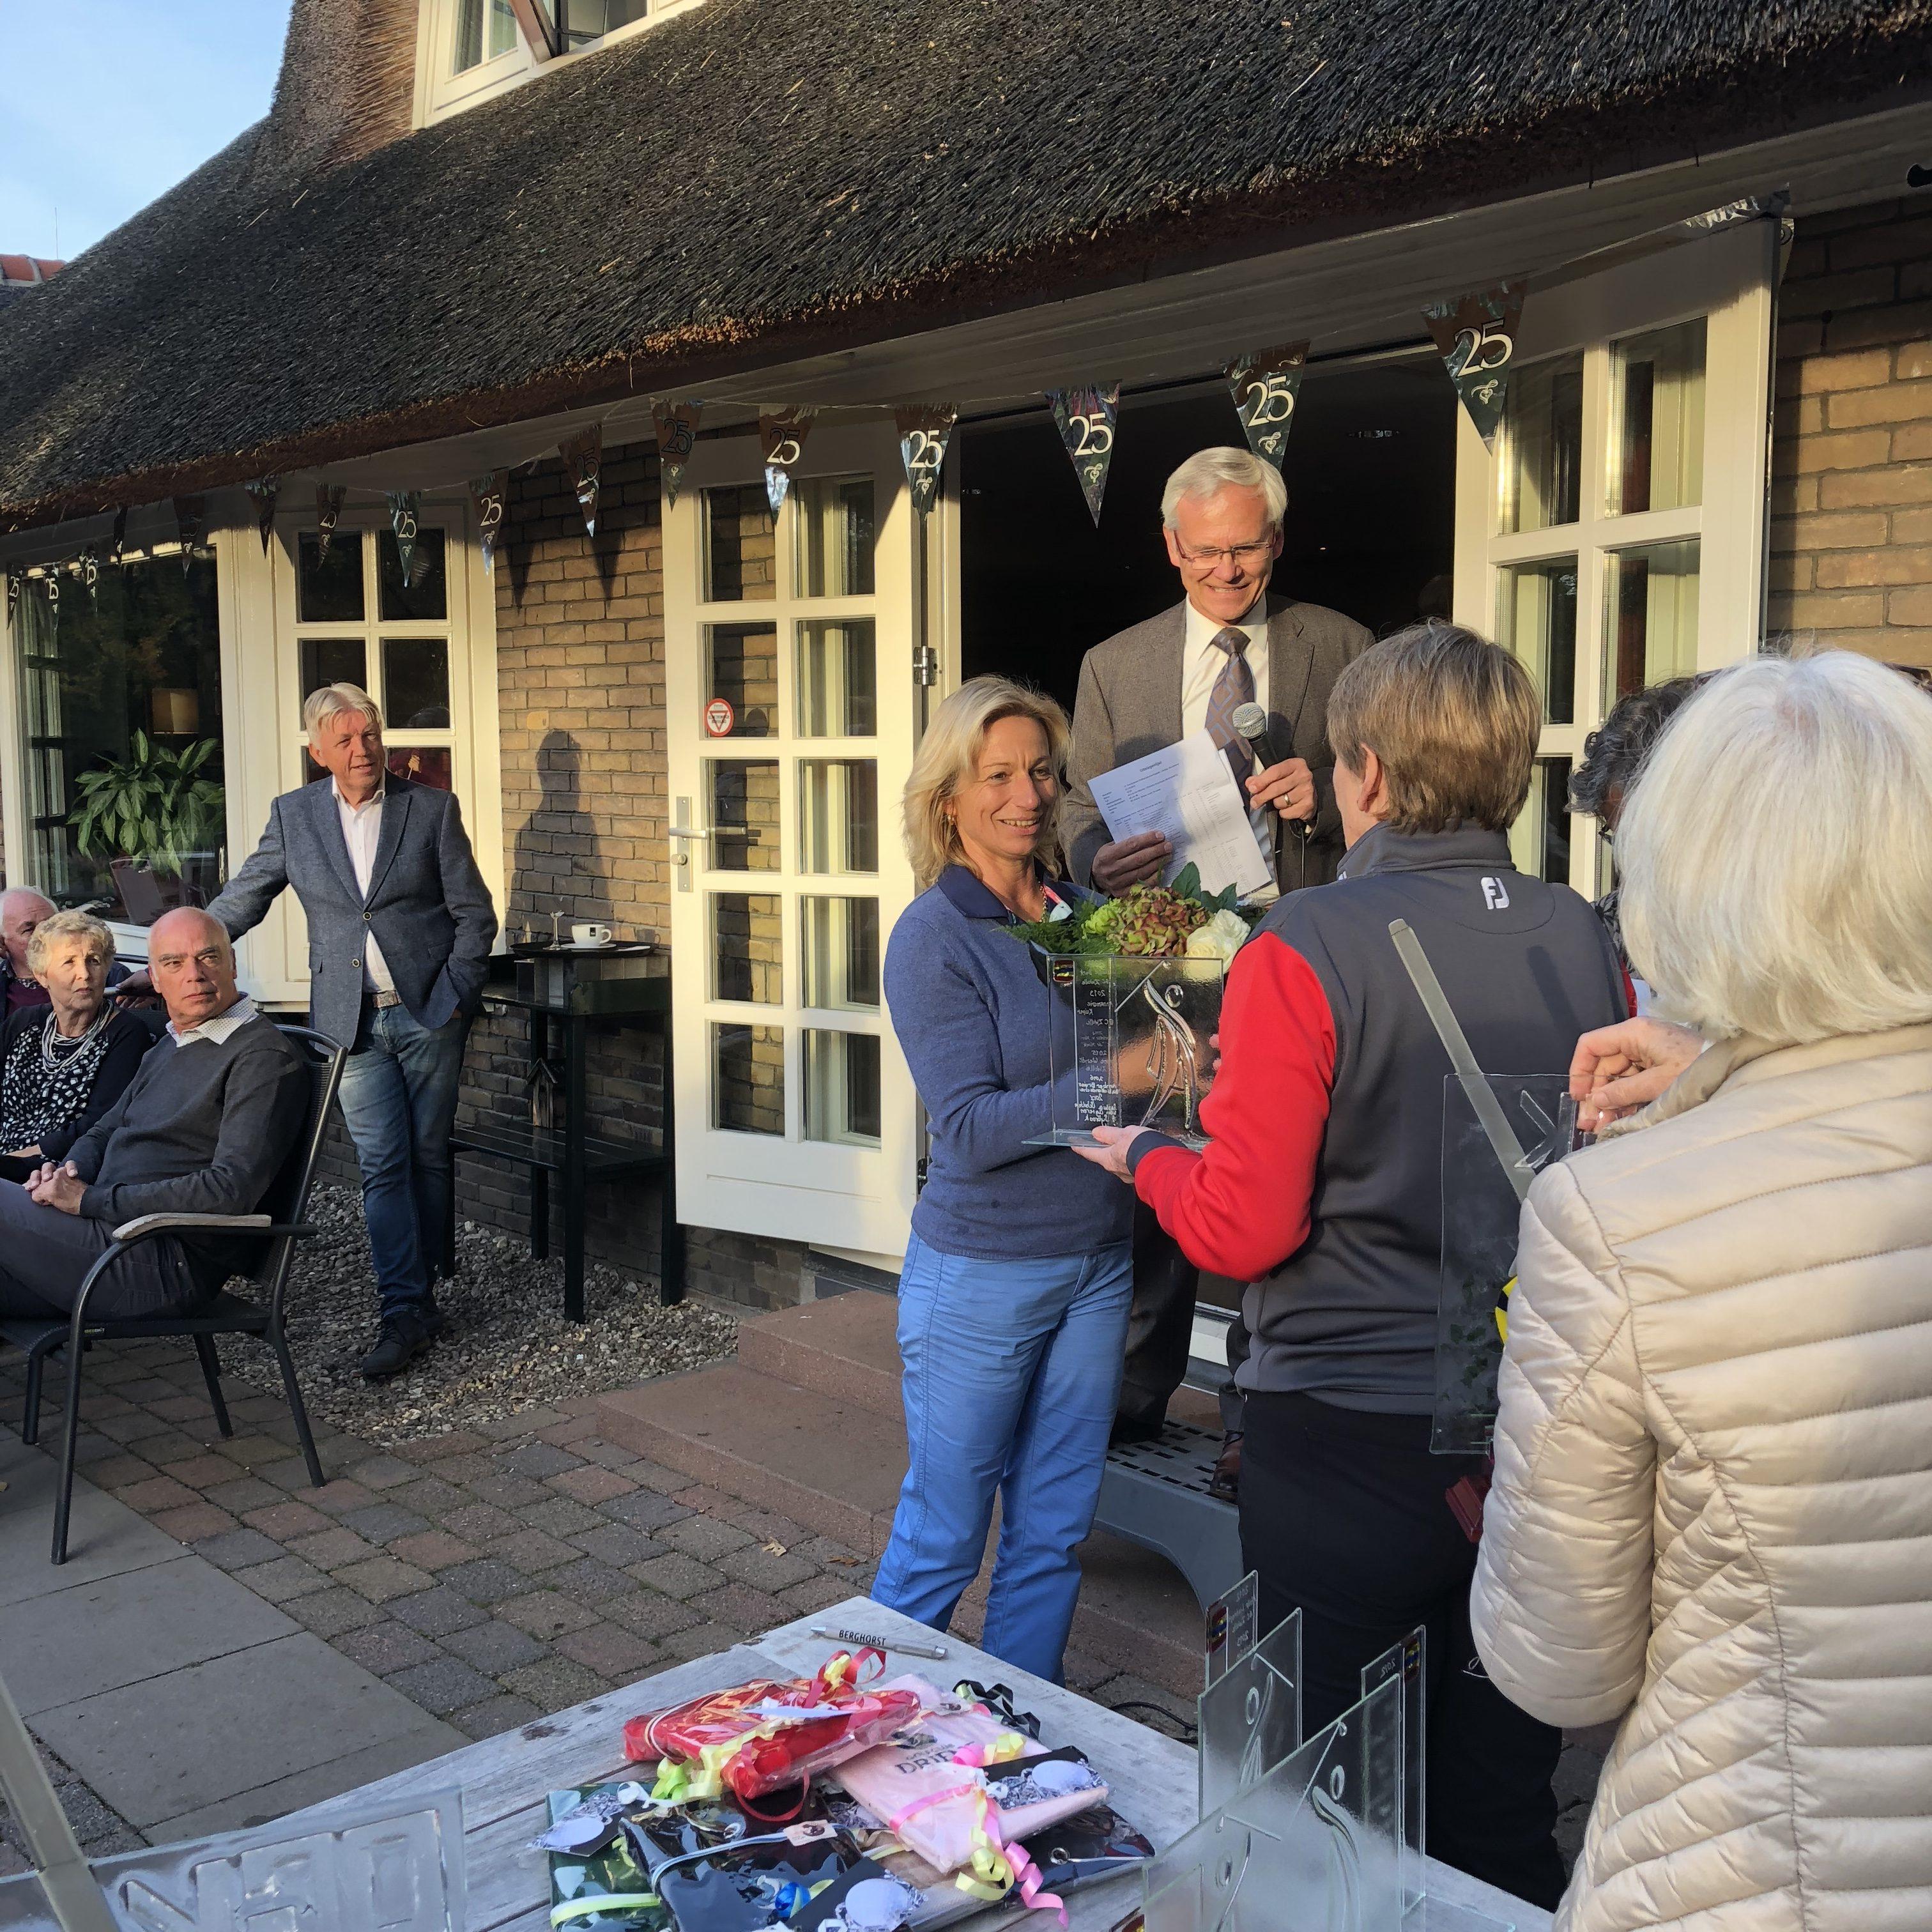 Elke Westenberg wint op Driene het Overijsselse Golf Kampioenschap 2018.